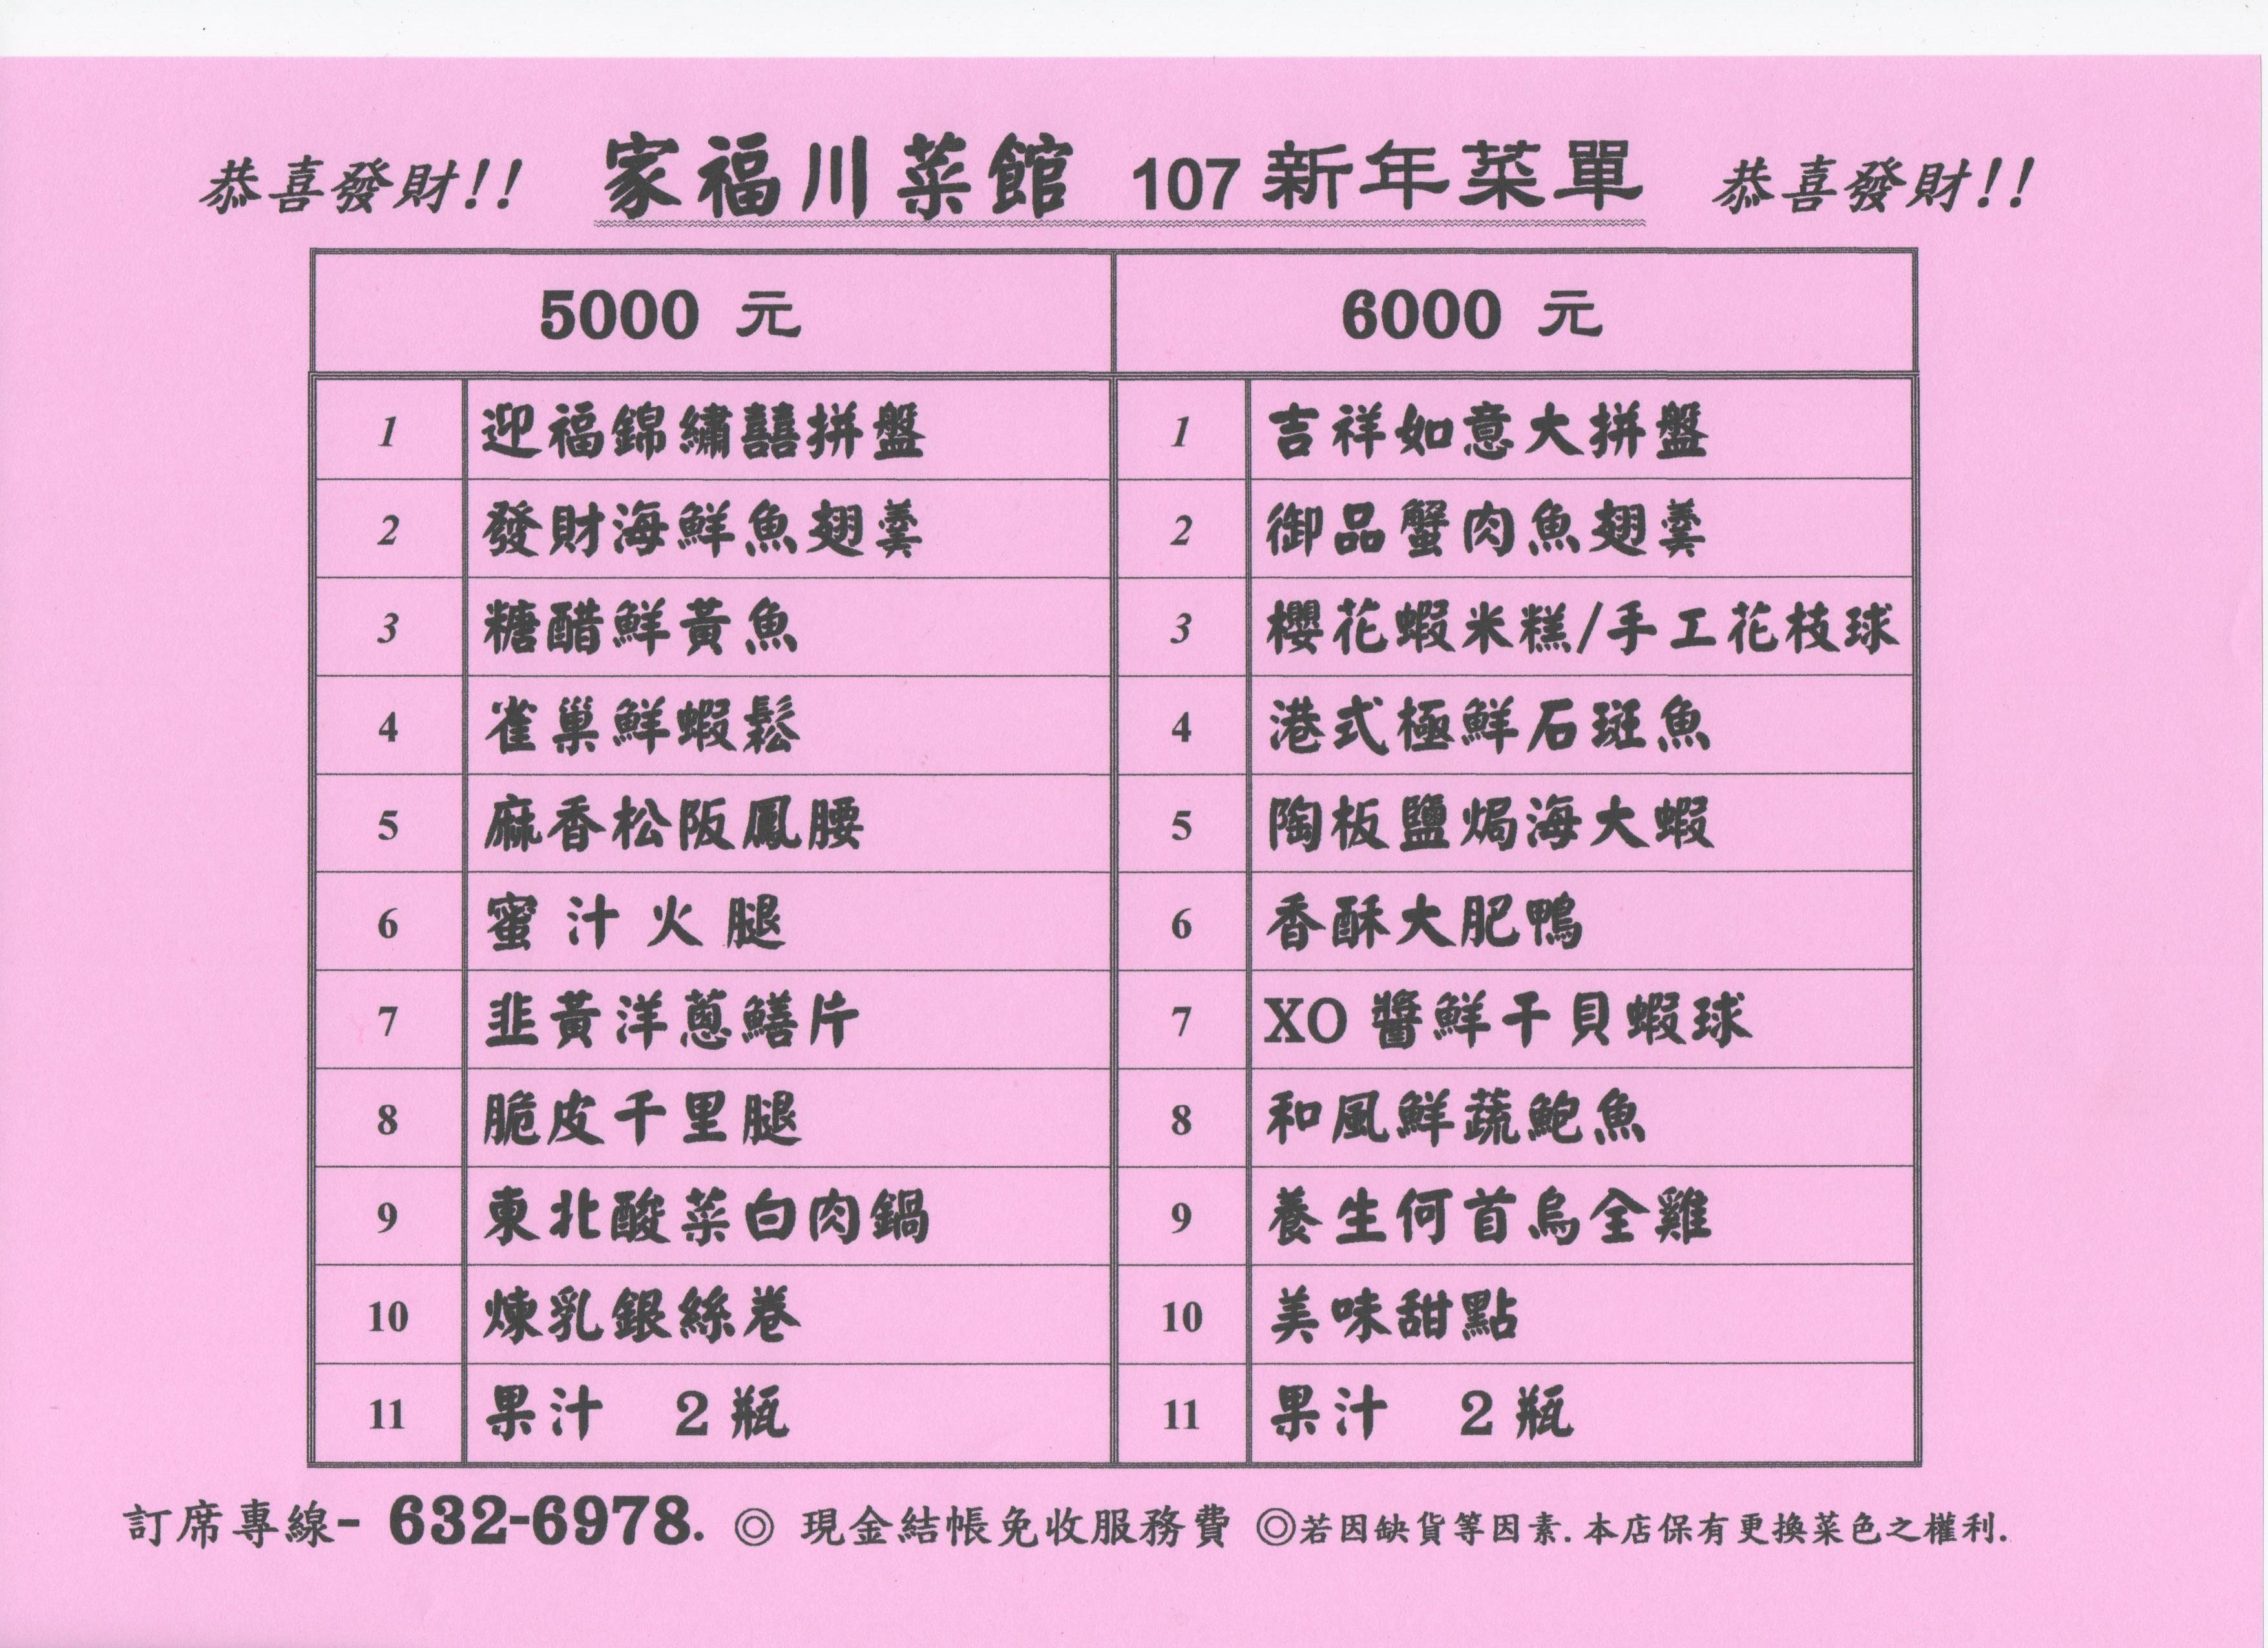 圖檔---107年新年5000--6000元菜單 001.jpg